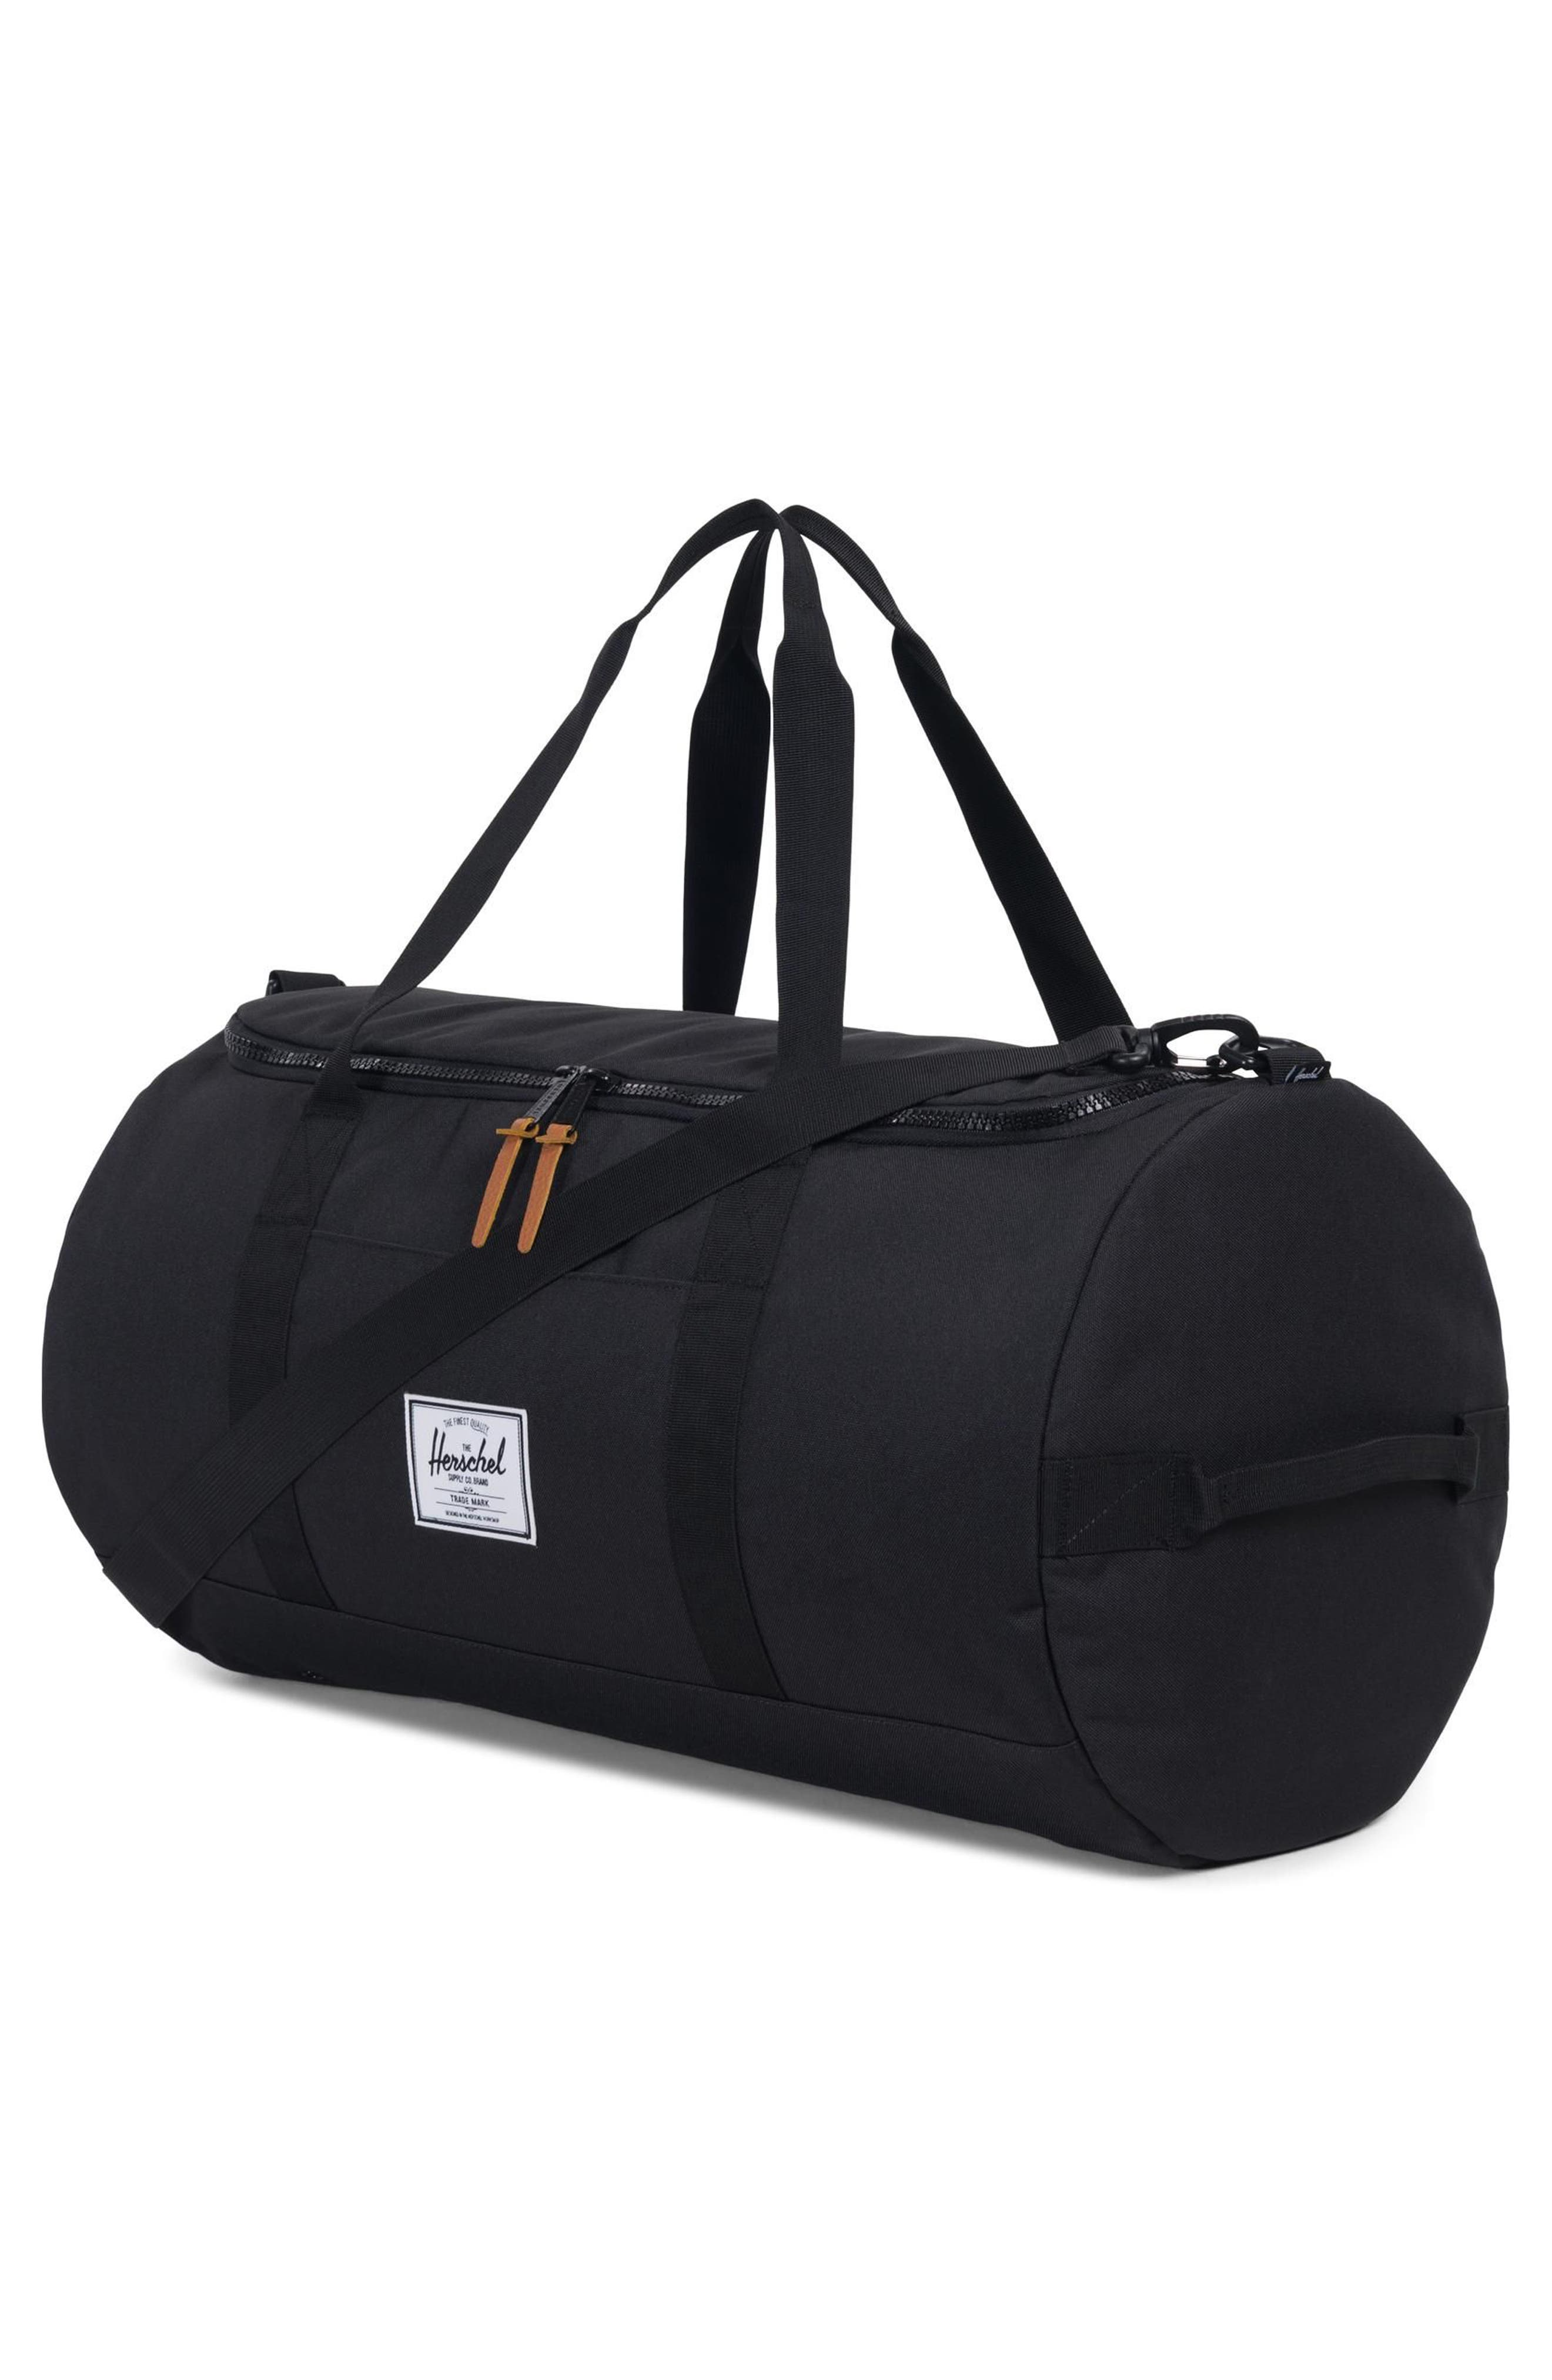 Sutton Duffel Bag,                             Alternate thumbnail 2, color,                             Black